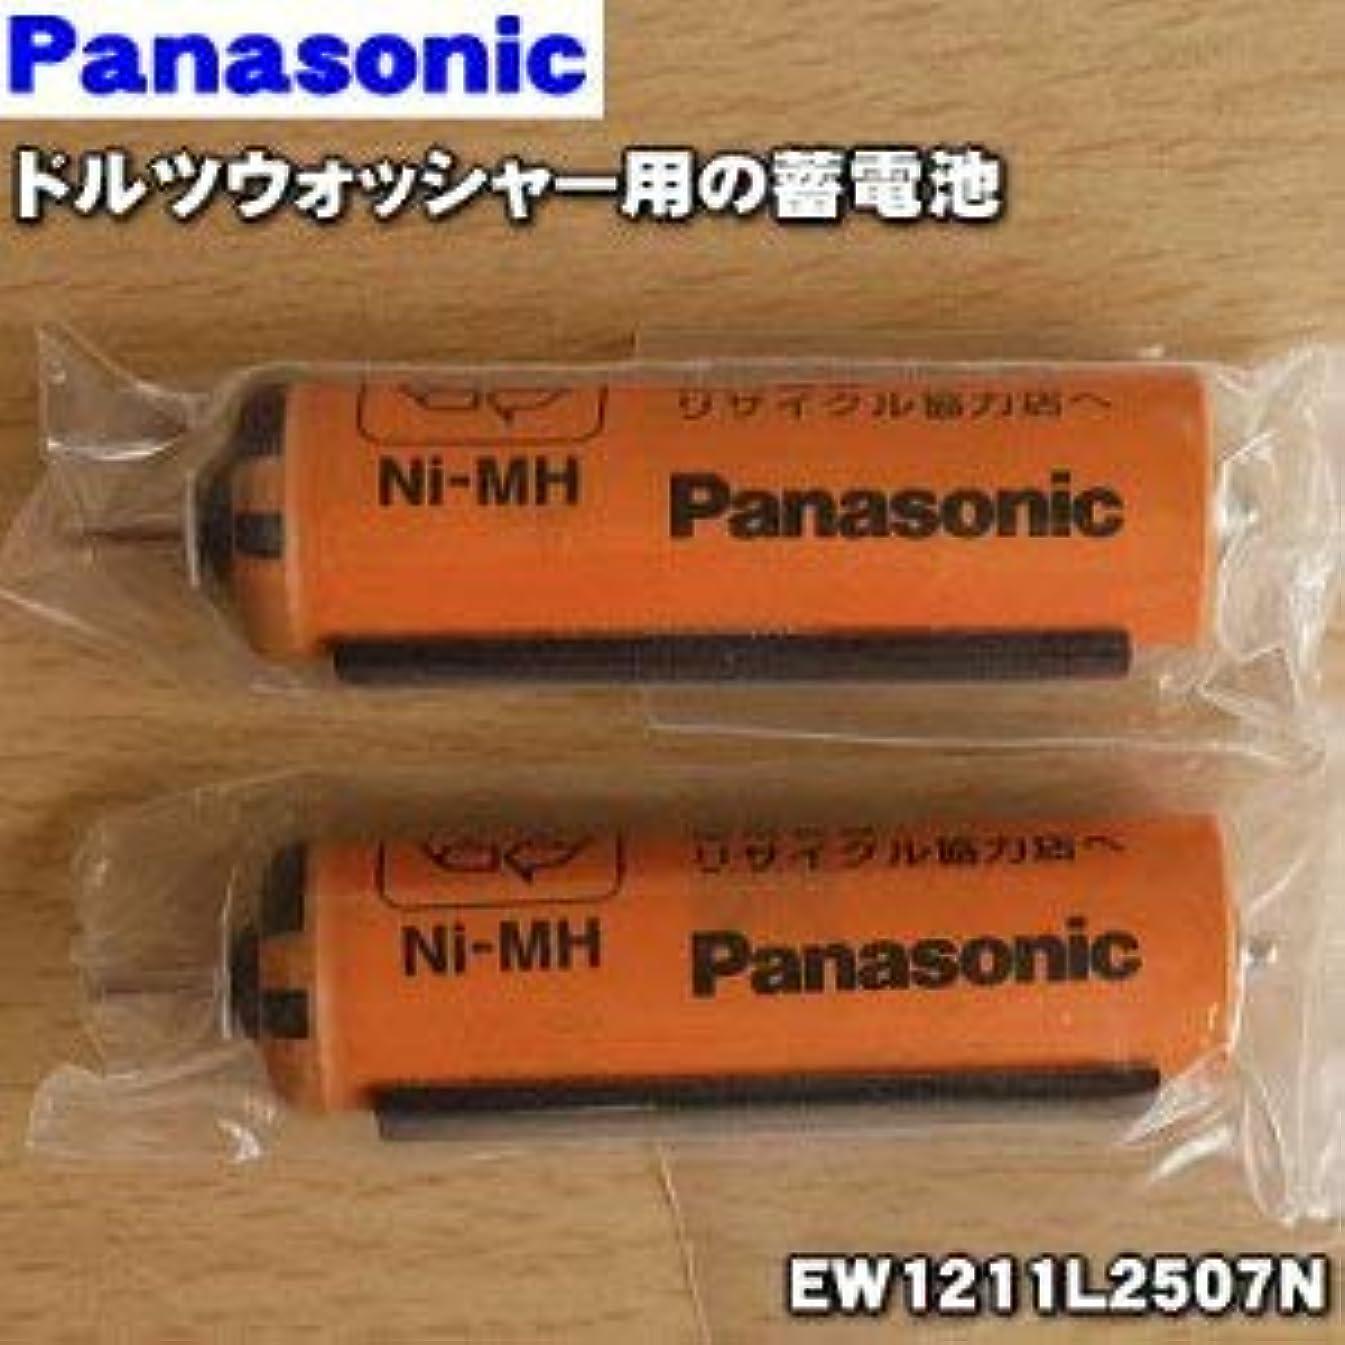 排気の抑制するパナソニック Panasonic 音波振動ハブラシ Doltz 蓄電池交換用蓄電池 EW1211L2507N